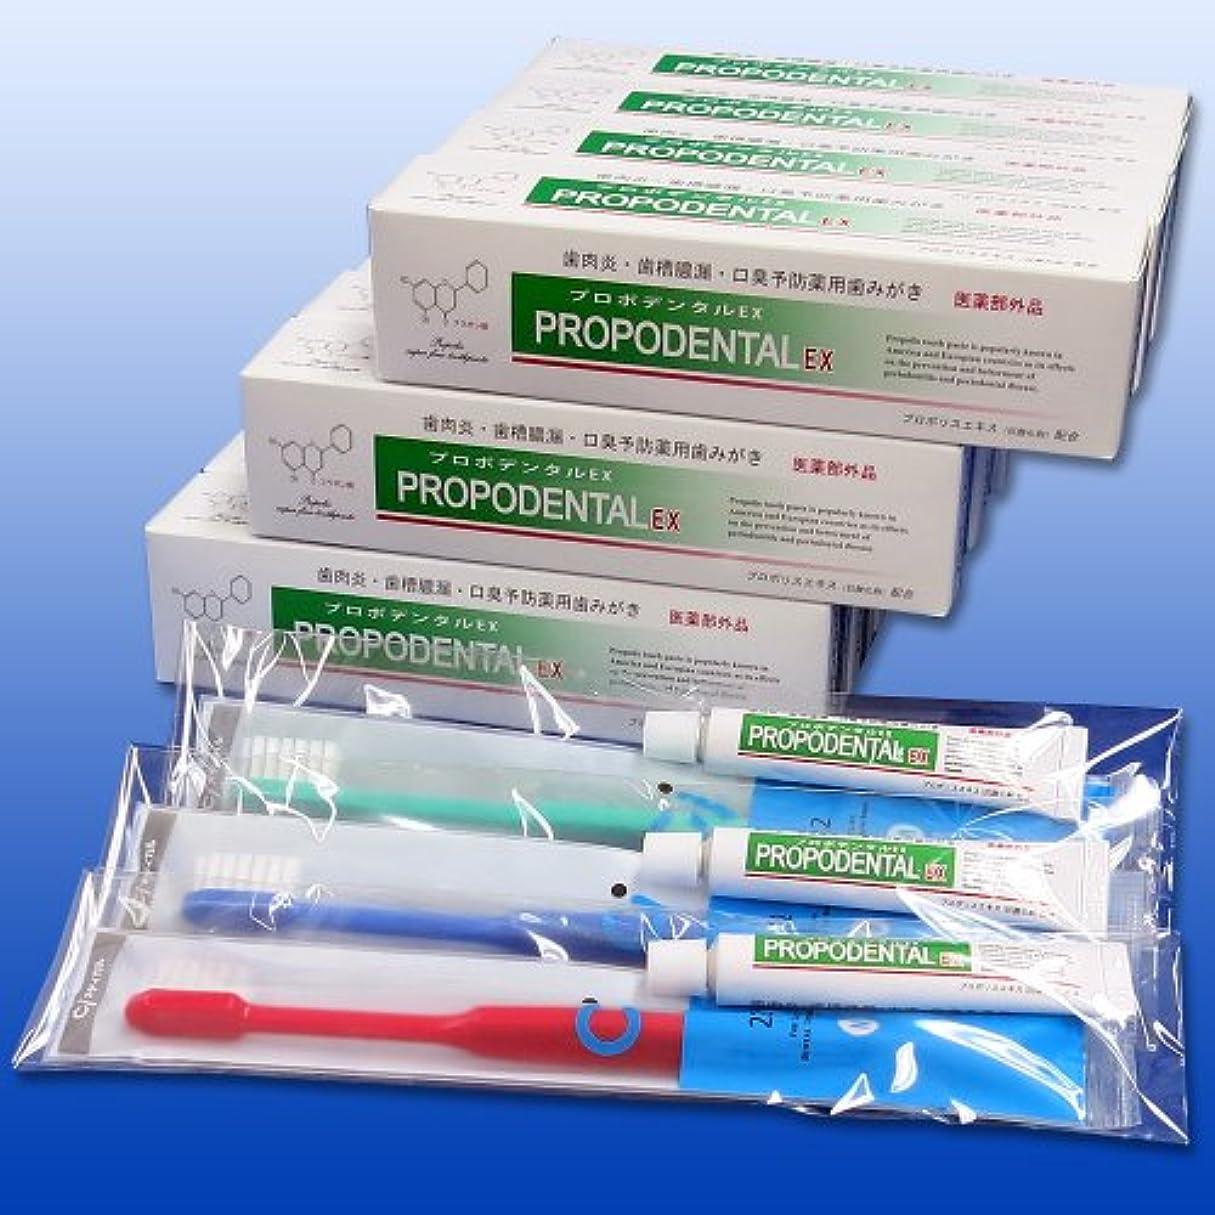 海藻焦げビヨンプロポデンタルEX(80g)12本セット+ハブラシセット 3セット【歯周病】歯磨き粉 プロポリス配合薬用歯みがき 口臭ケア